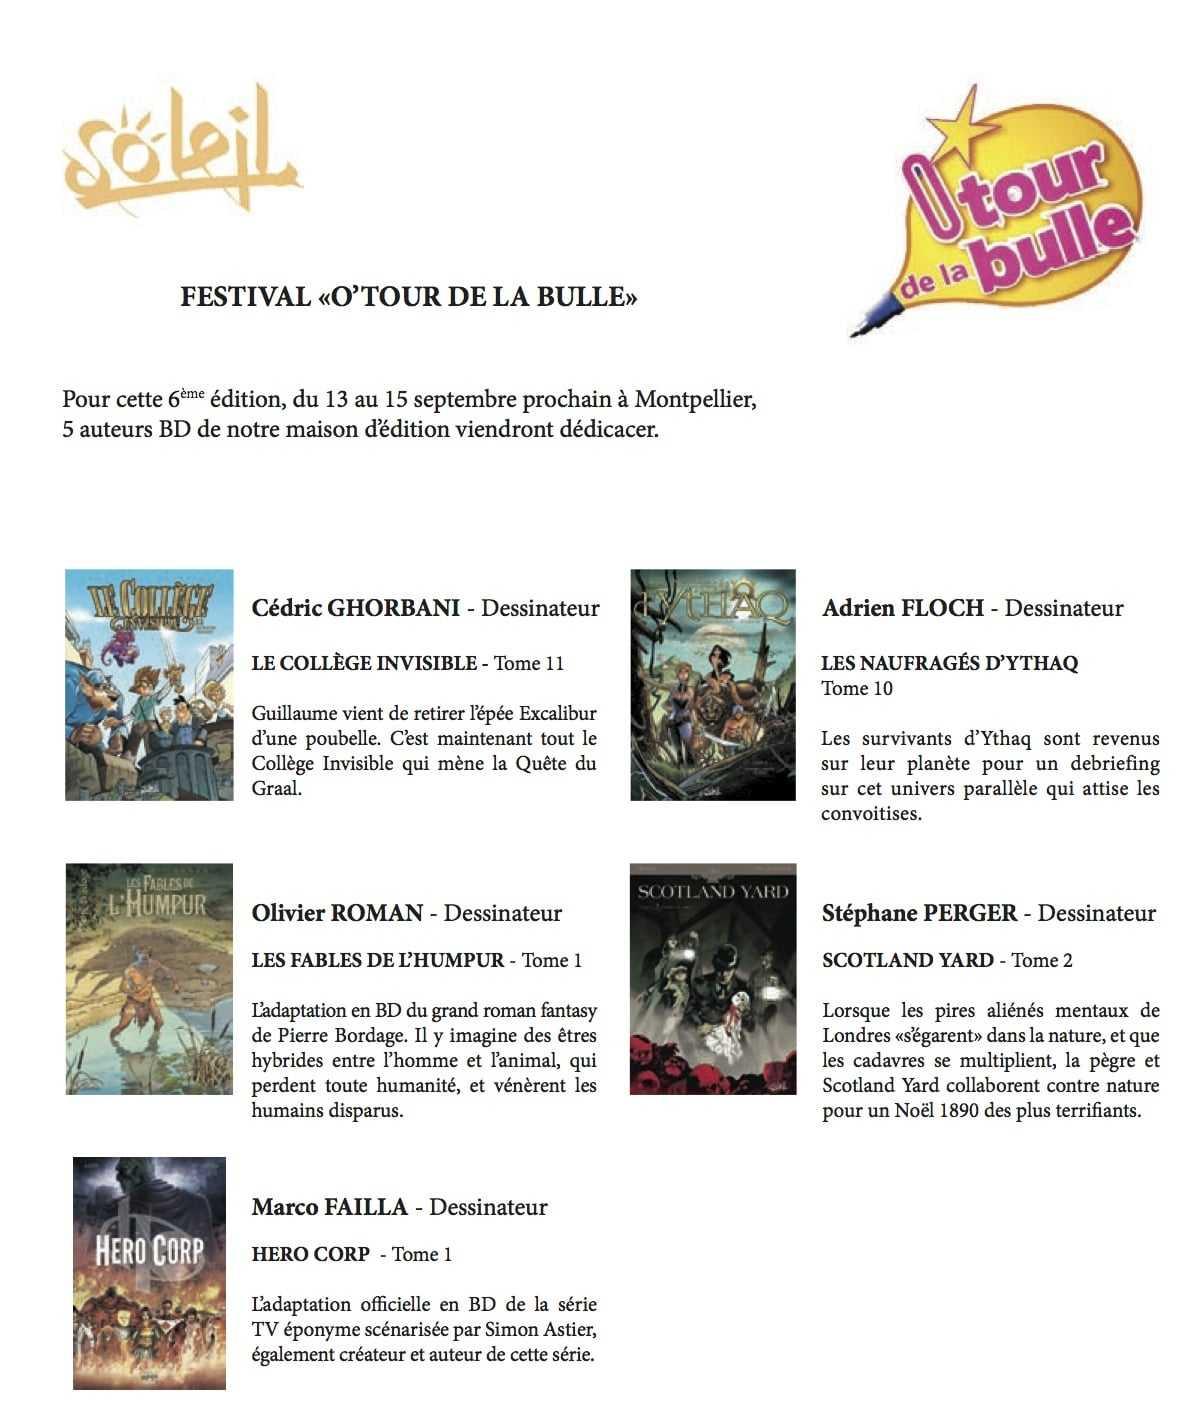 O'Tour de la Bulle 2013 à Montpellier : les auteurs de chez Soleil au festival